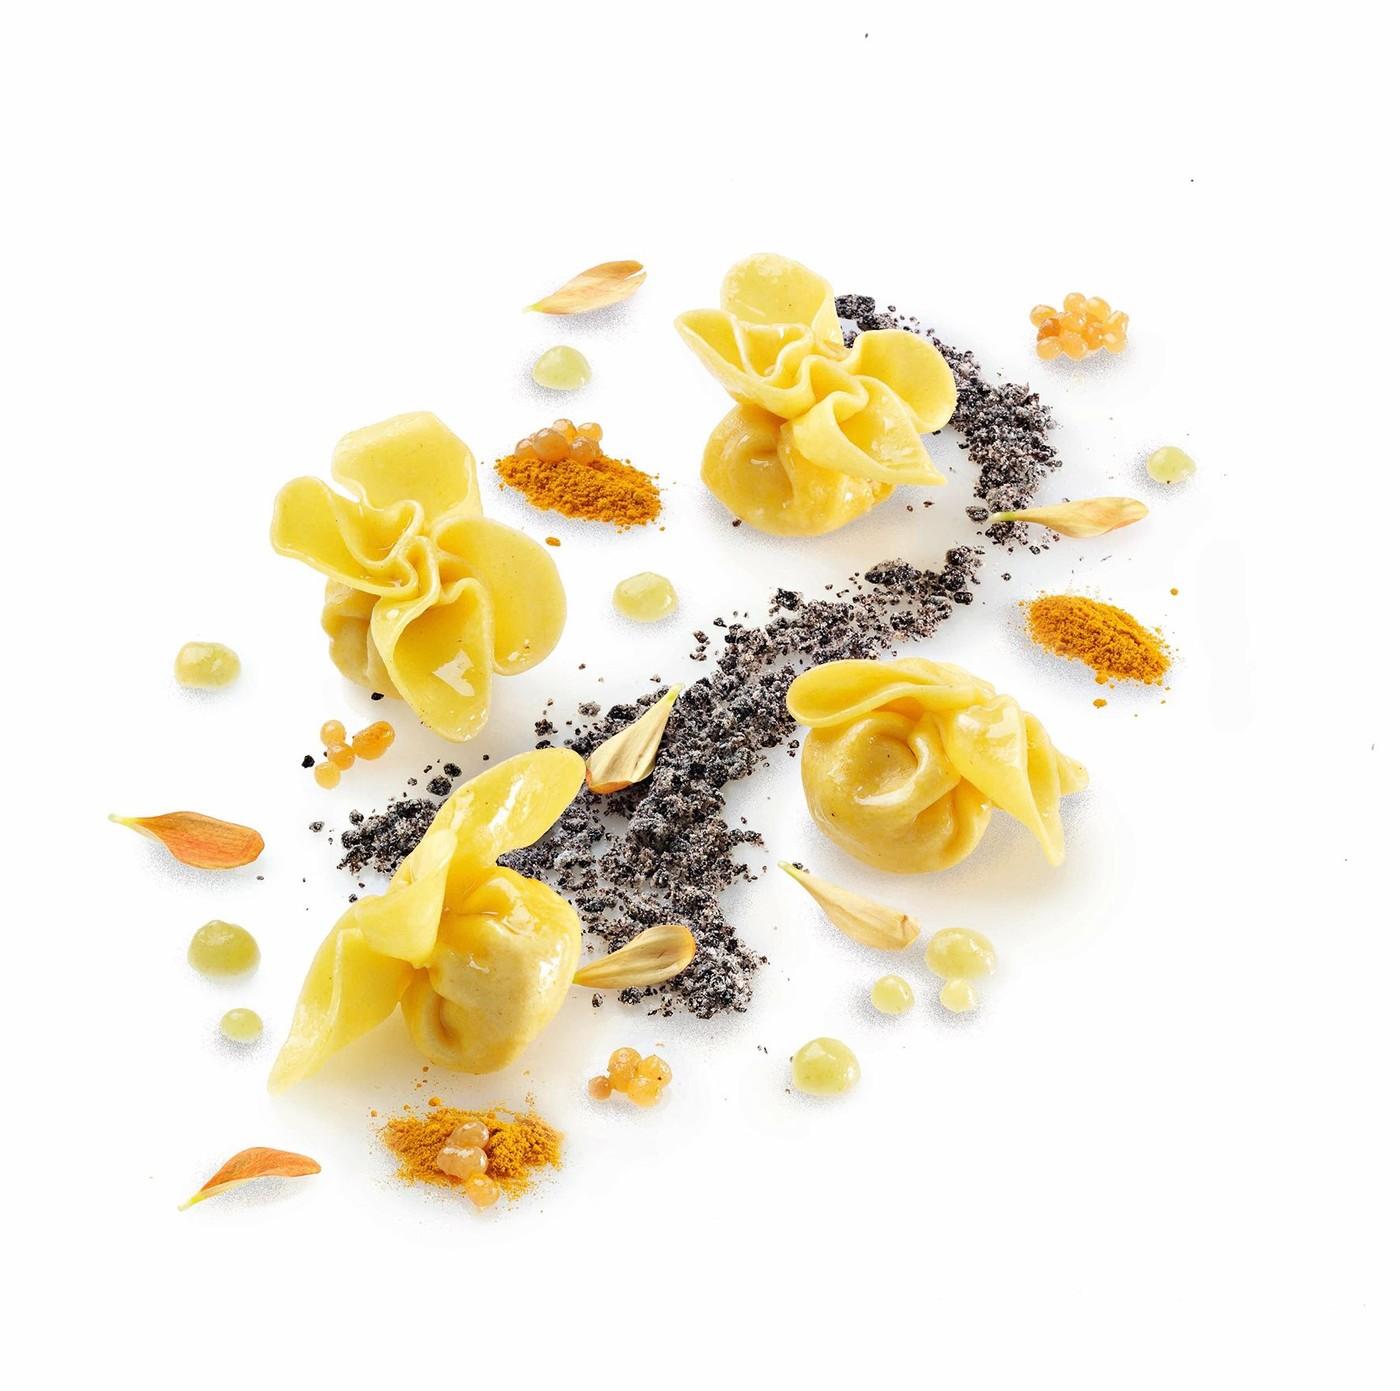 receta de Fiocchi De Queso Y Peras